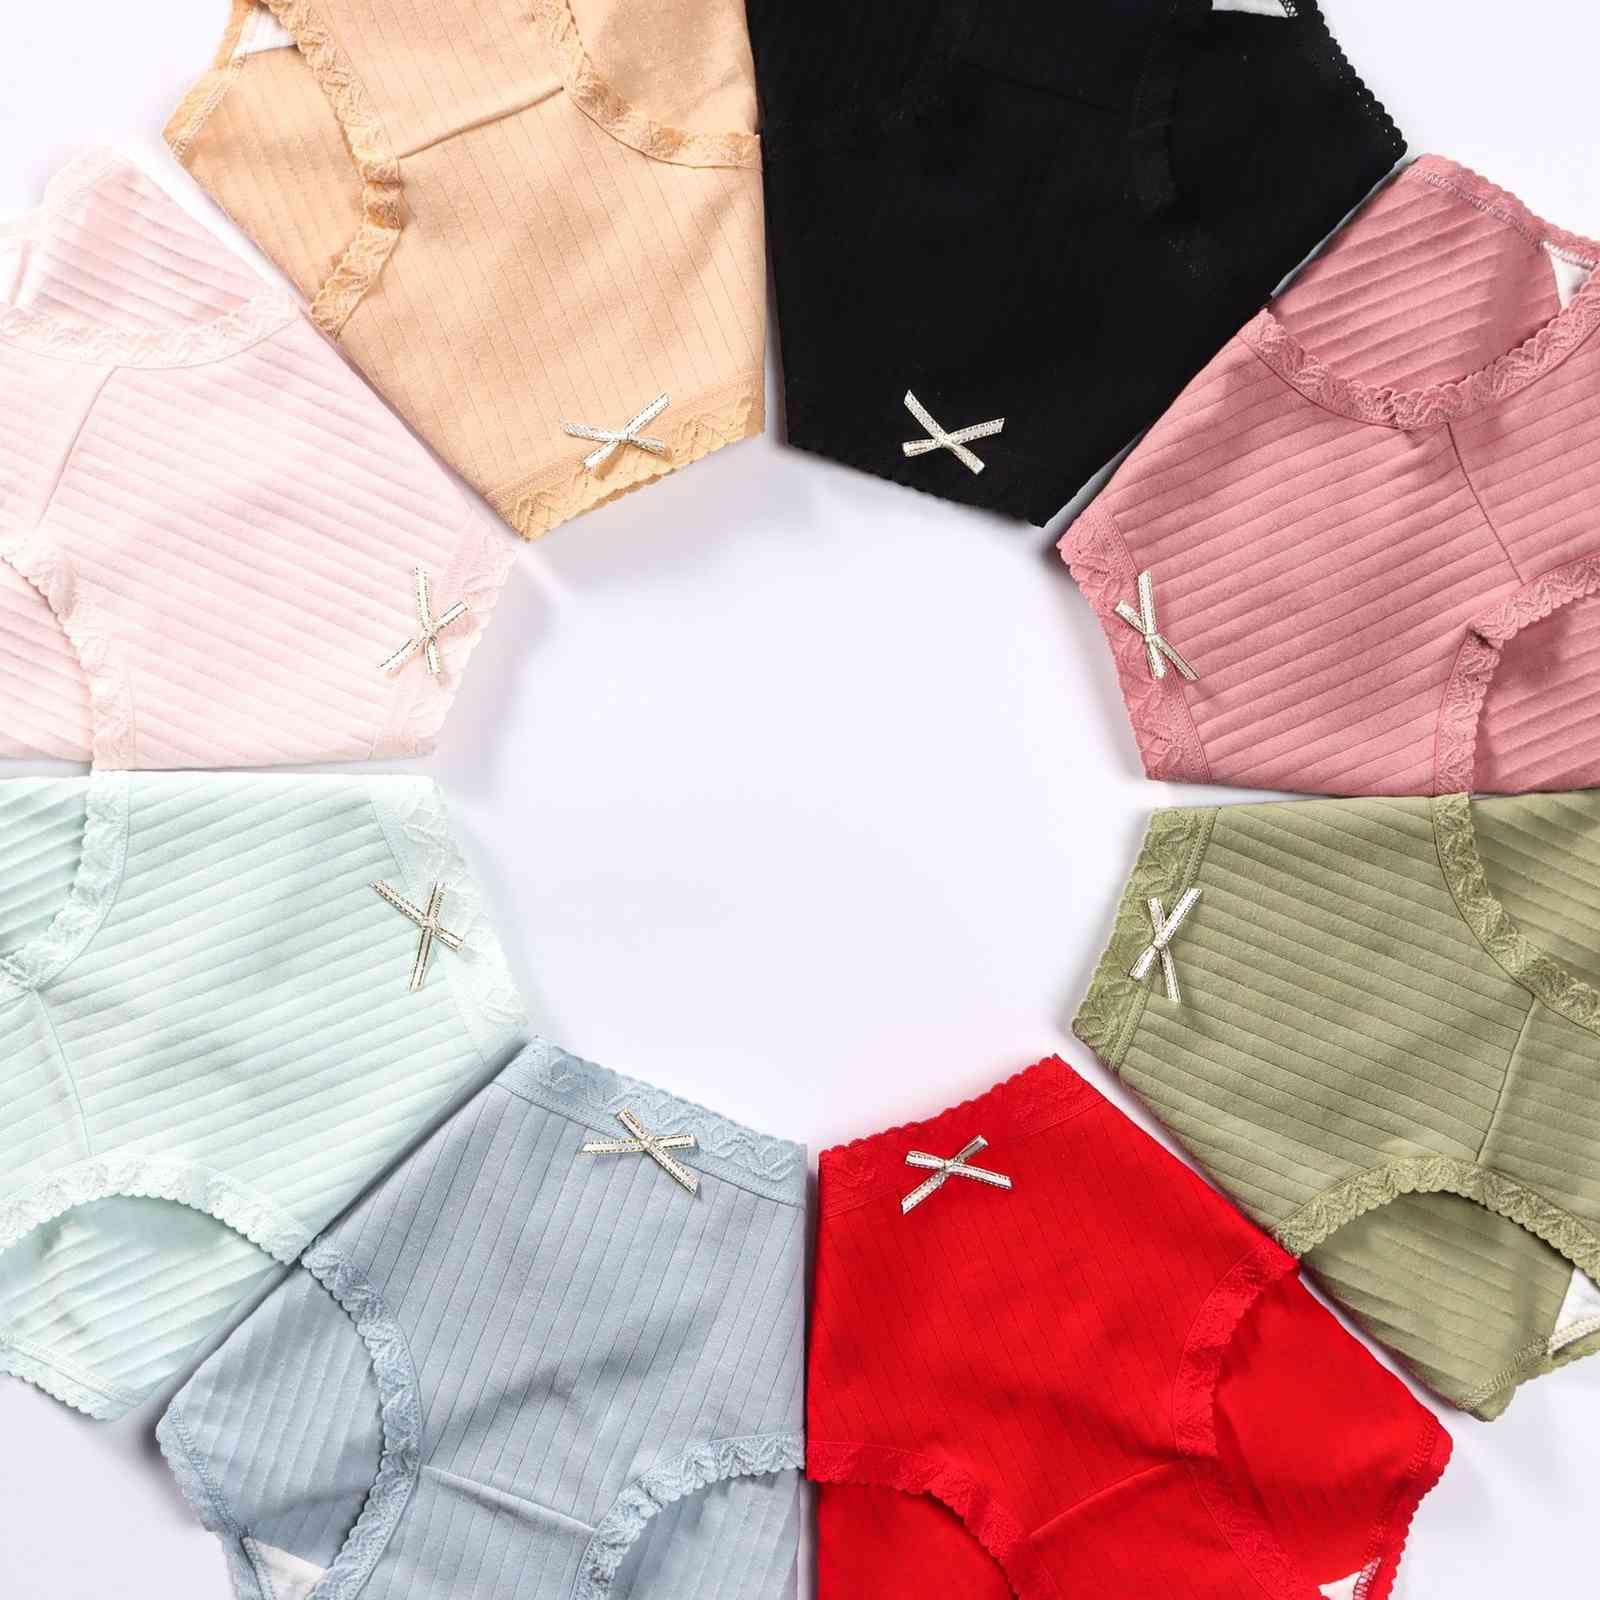 Pantías de algodón puro de las bragas de los pantalones de cintura de la cintura del lado del laje de la raya del arco